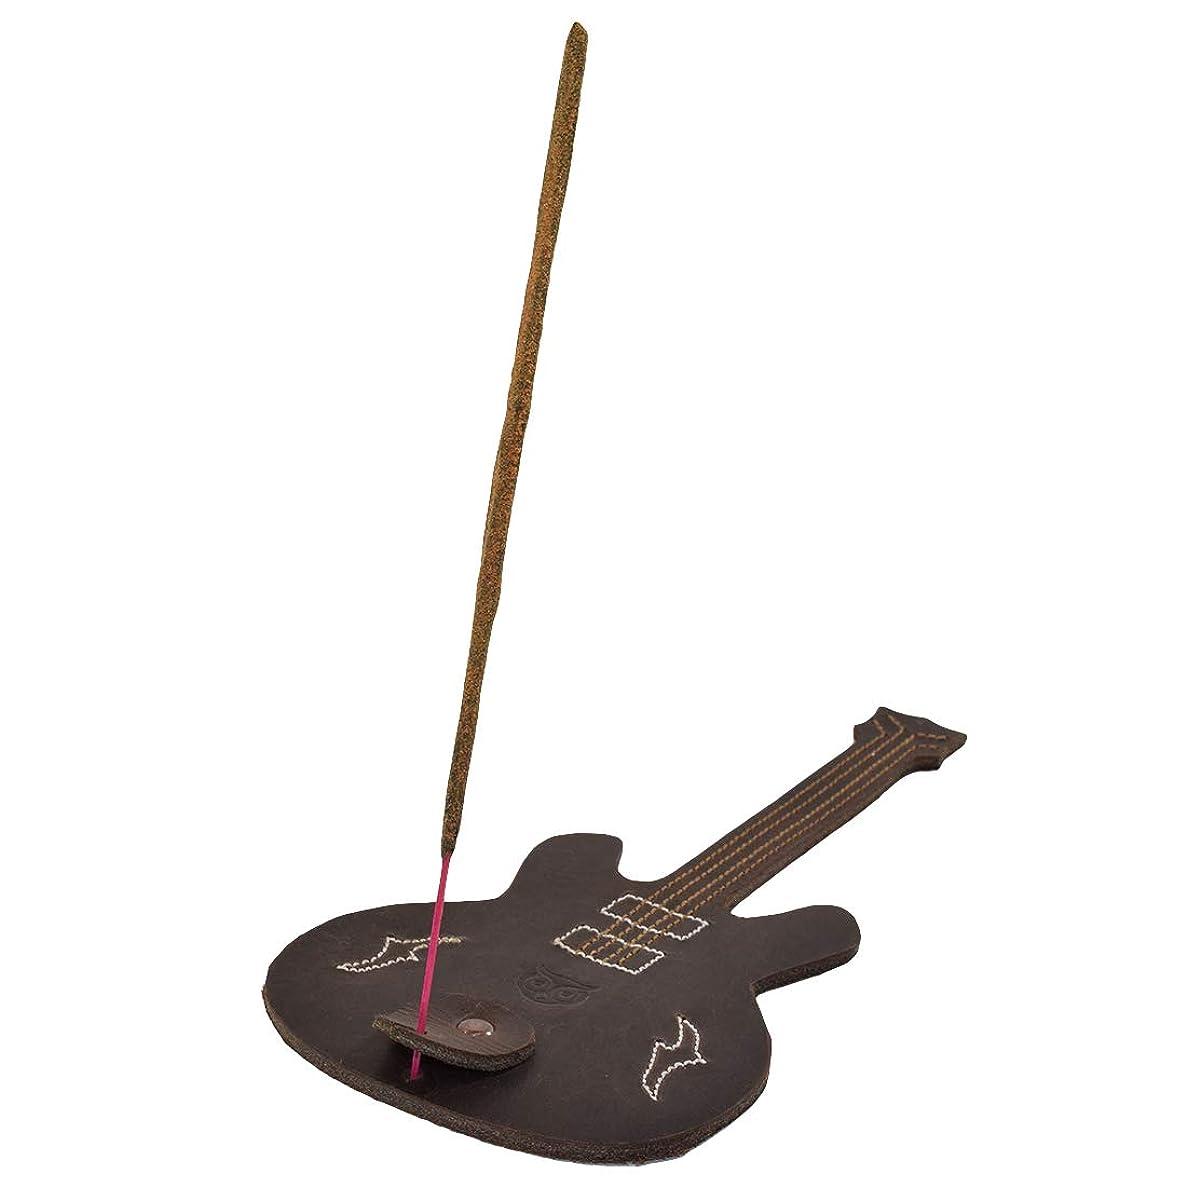 研磨ぴかぴかいつもHide & Drink厚レザーギター形状Incense Burnerスティックホルダーwith Ashキャッチャー手作りでBourbonブラウン